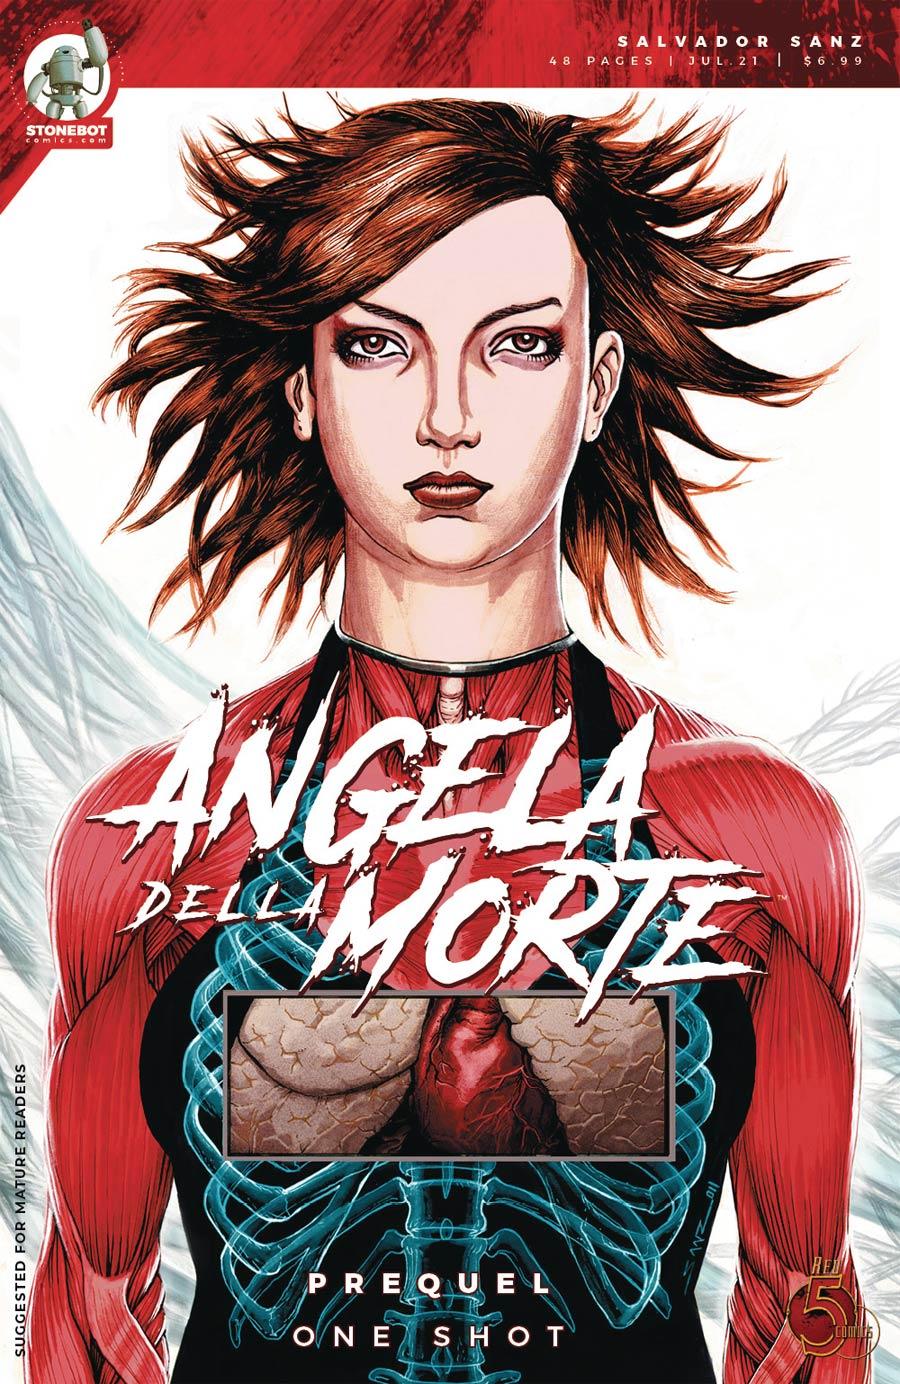 Angela Della Morte Prequel #1 (One Shot)